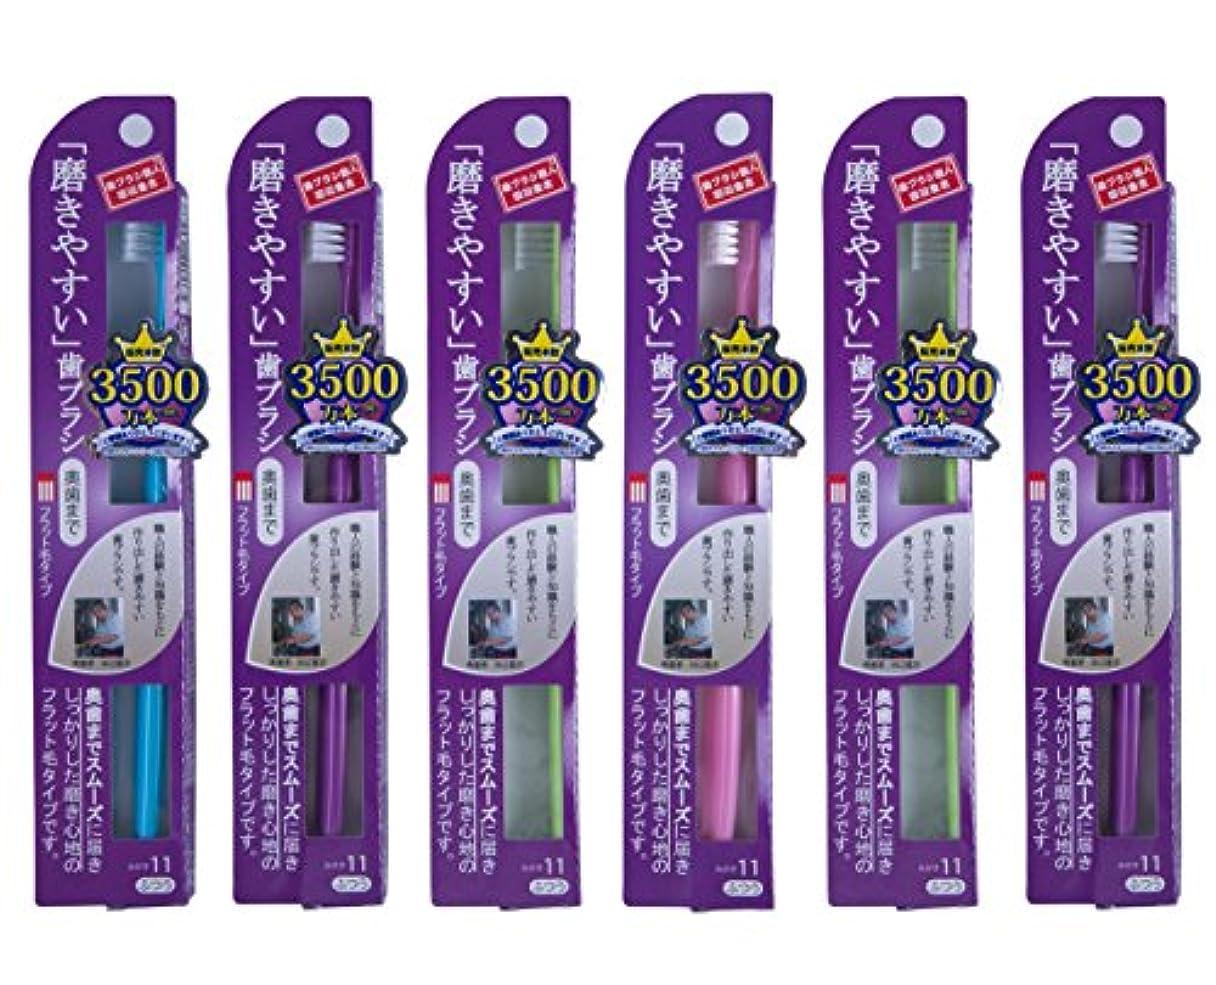 ベスビオ山殺人ボイコット歯ブラシ職人田辺重吉 磨きやすい歯ブラシ LT-11 (6本パック)